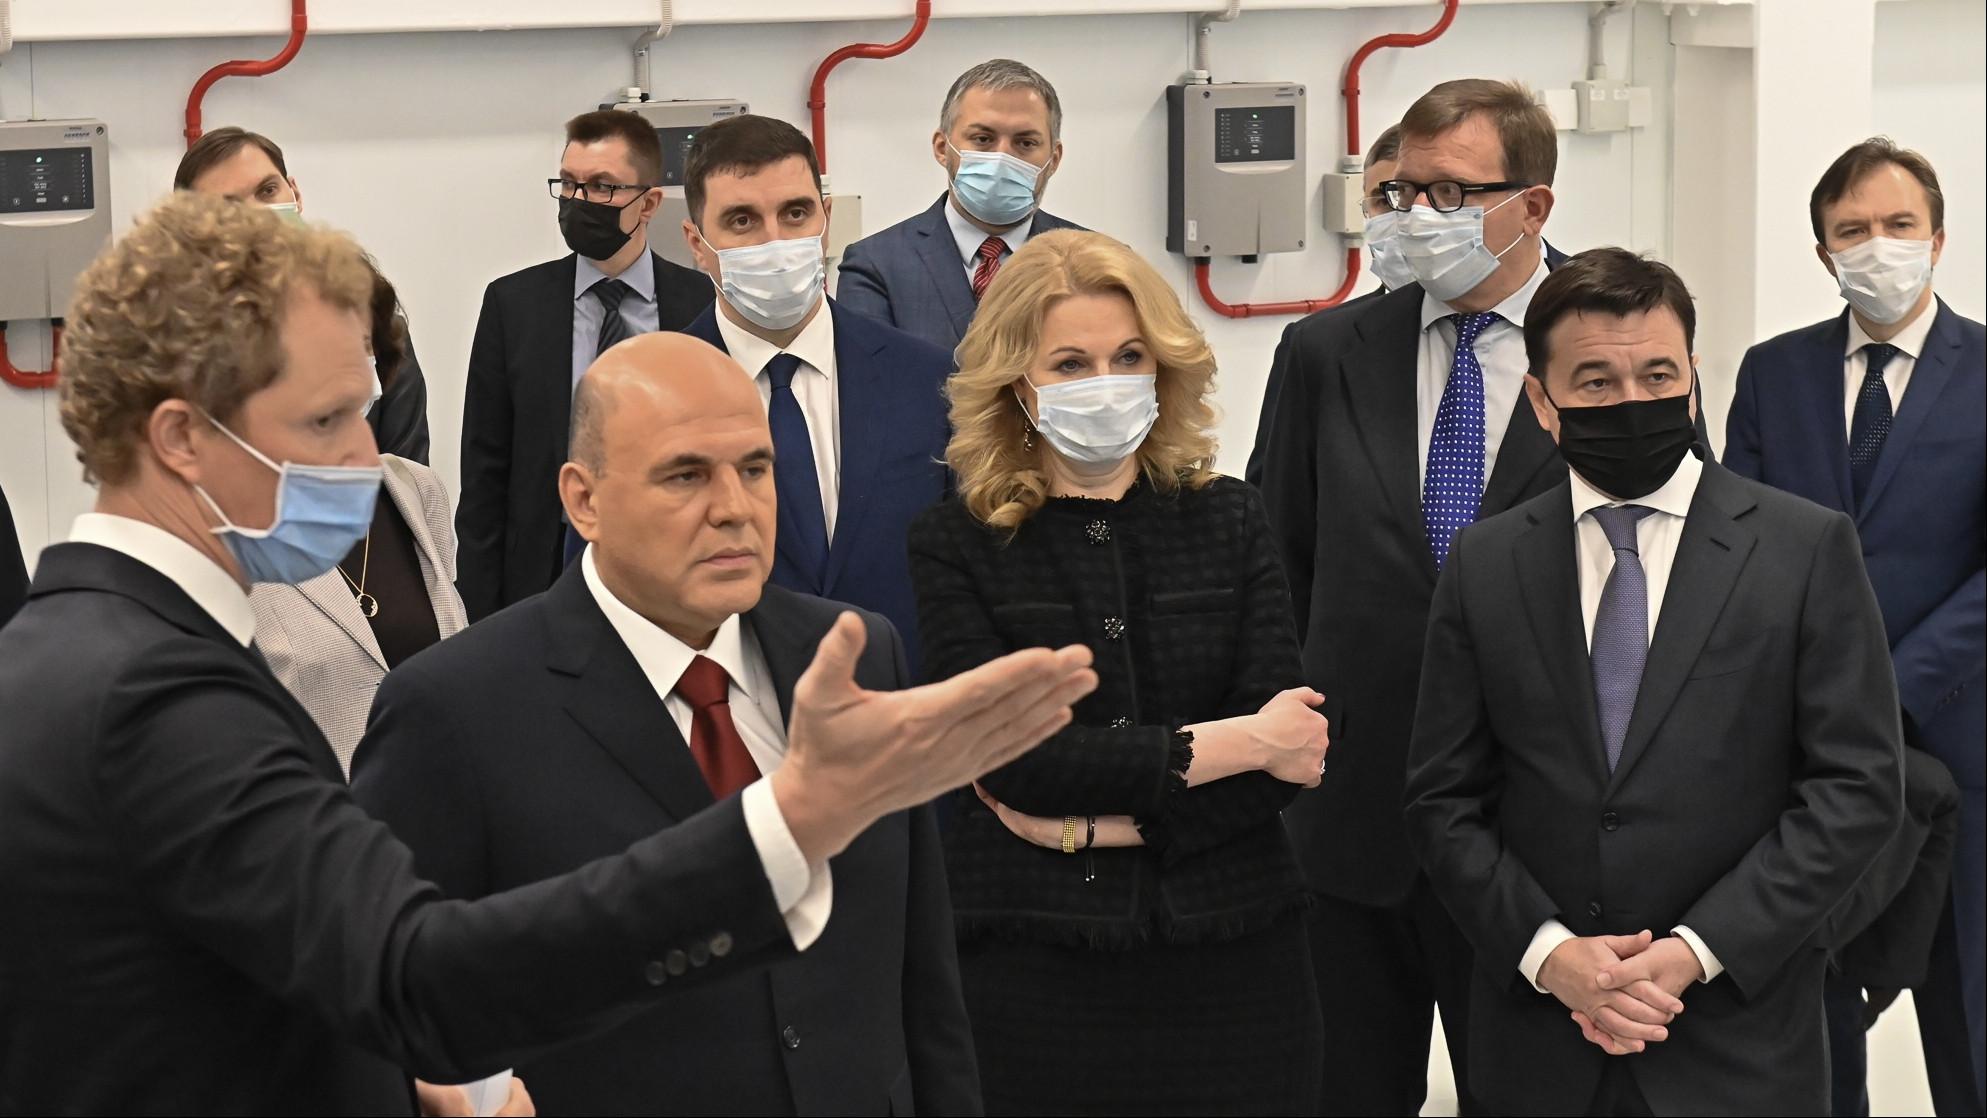 Андрей Воробьев посетил Дубну в составе делегации под руководством Михаила Мишустина